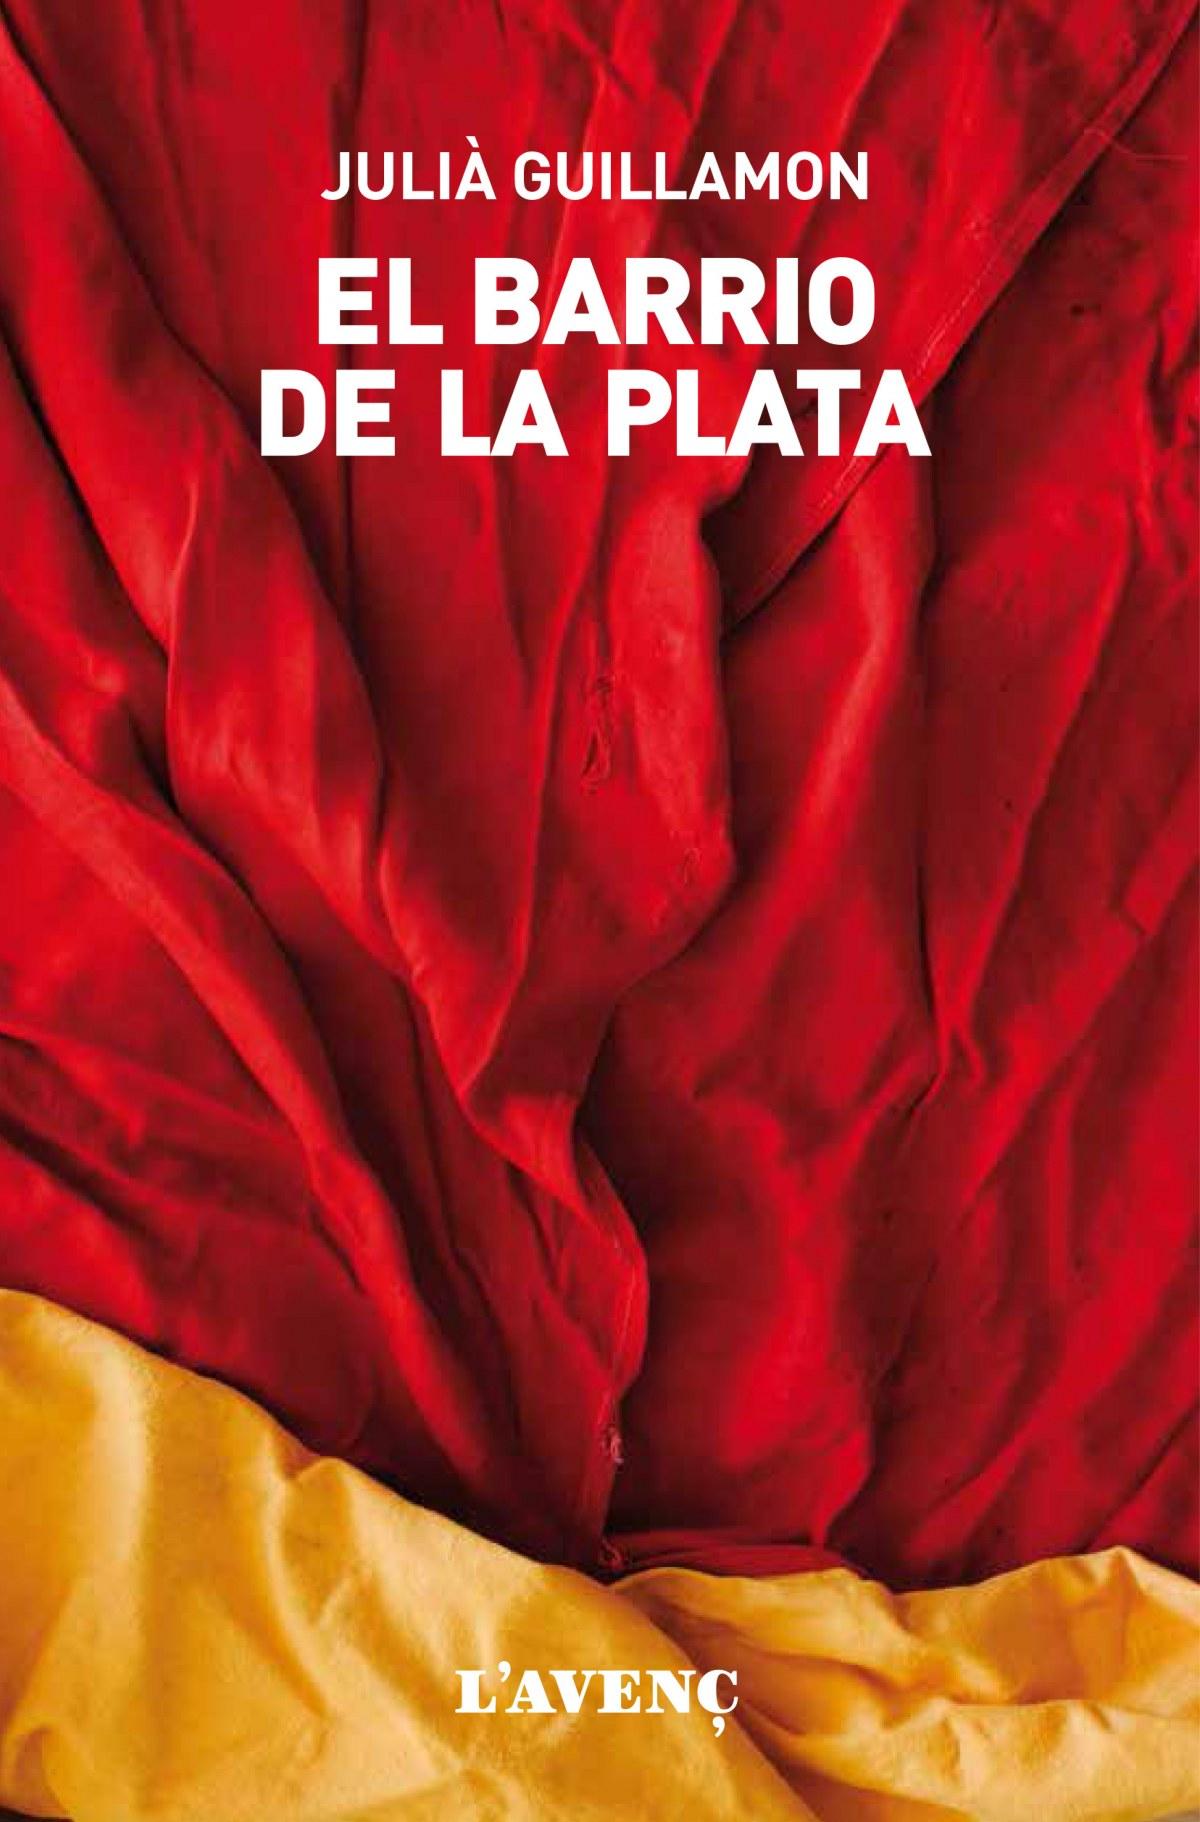 EL BARRIO DE LA PLATA 9788416853229